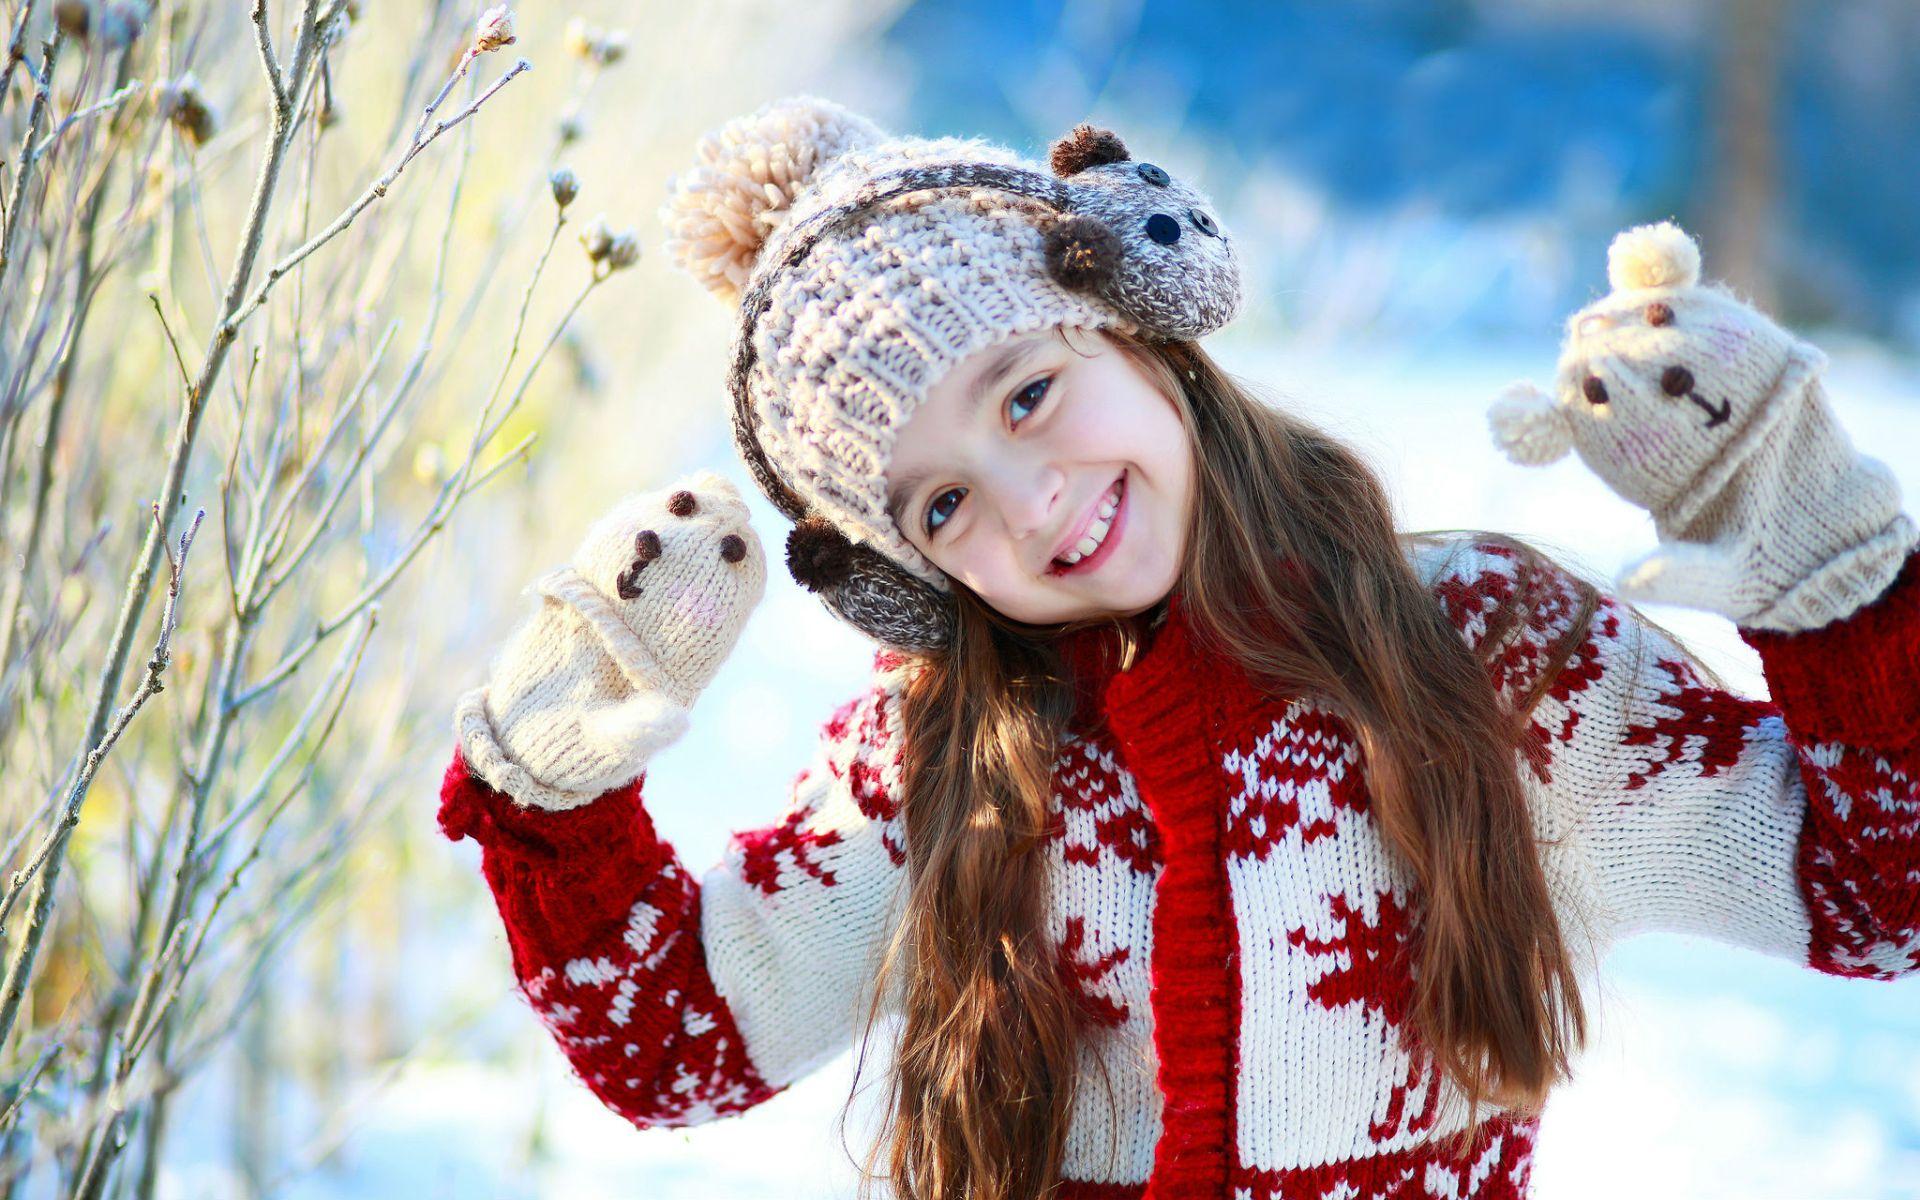 nice smiley girl wallpapers - 1920x1200 - 364674